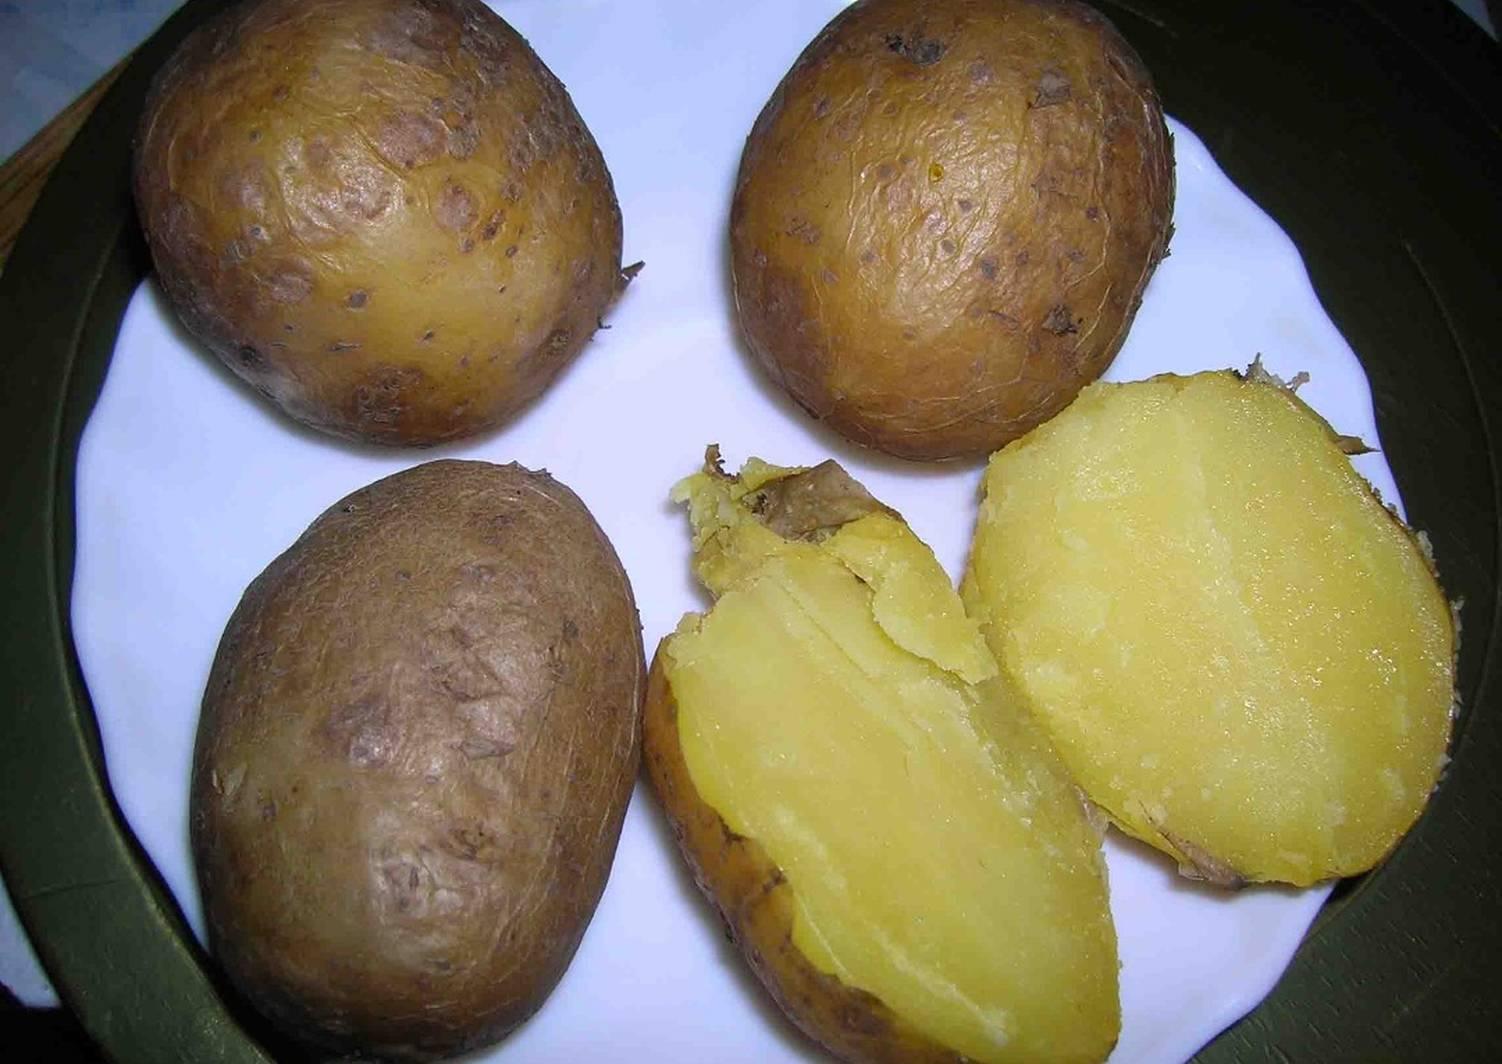 как сварить картофель в мундире фото рецепт количества баек